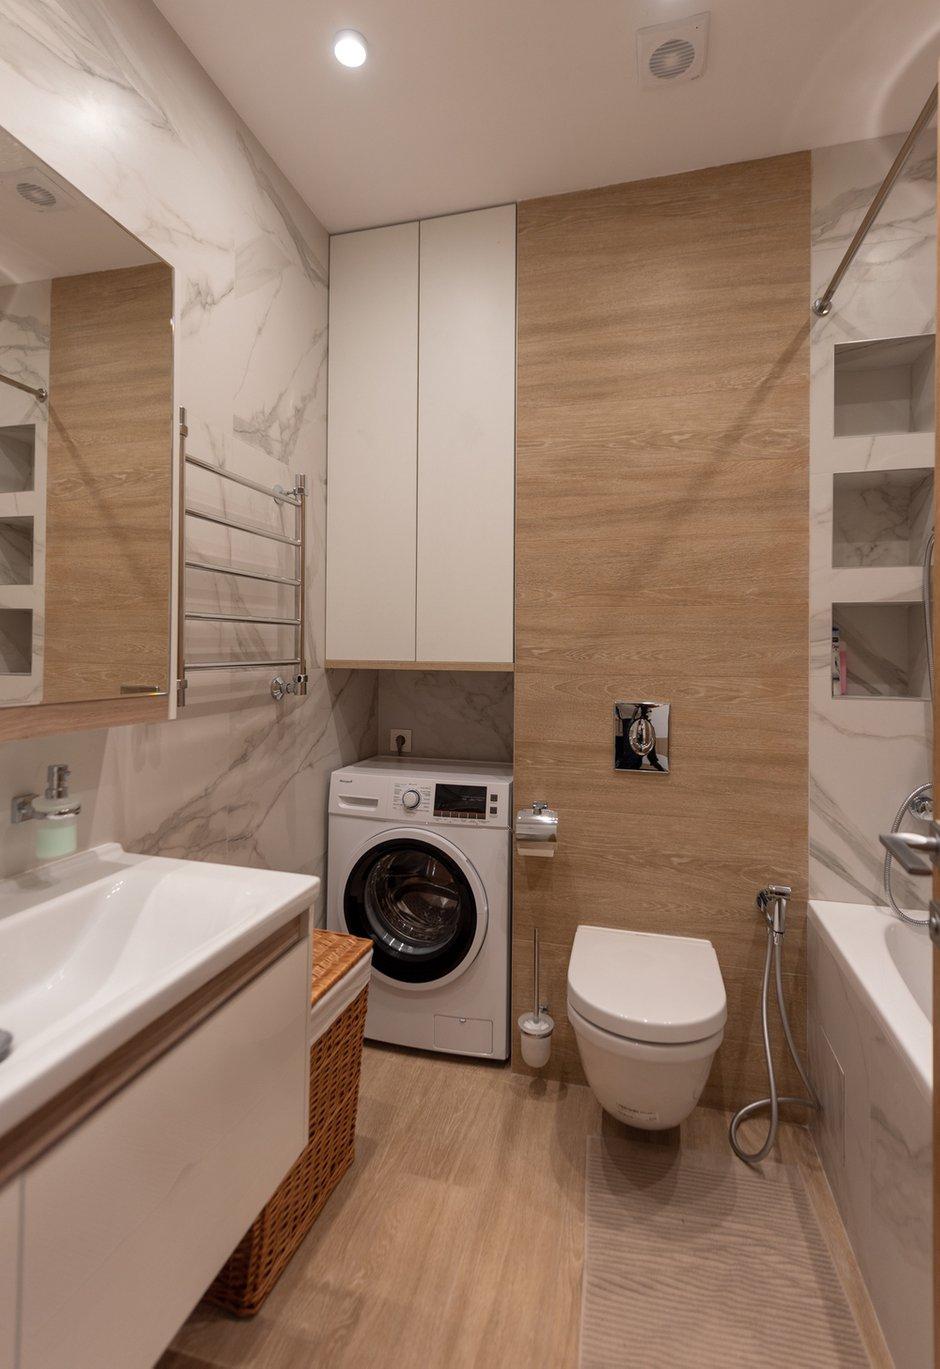 Фотография: Ванная в стиле Современный, Квартира, Проект недели, Москва, 2 комнаты, 40-60 метров, Елена Богдан – фото на INMYROOM